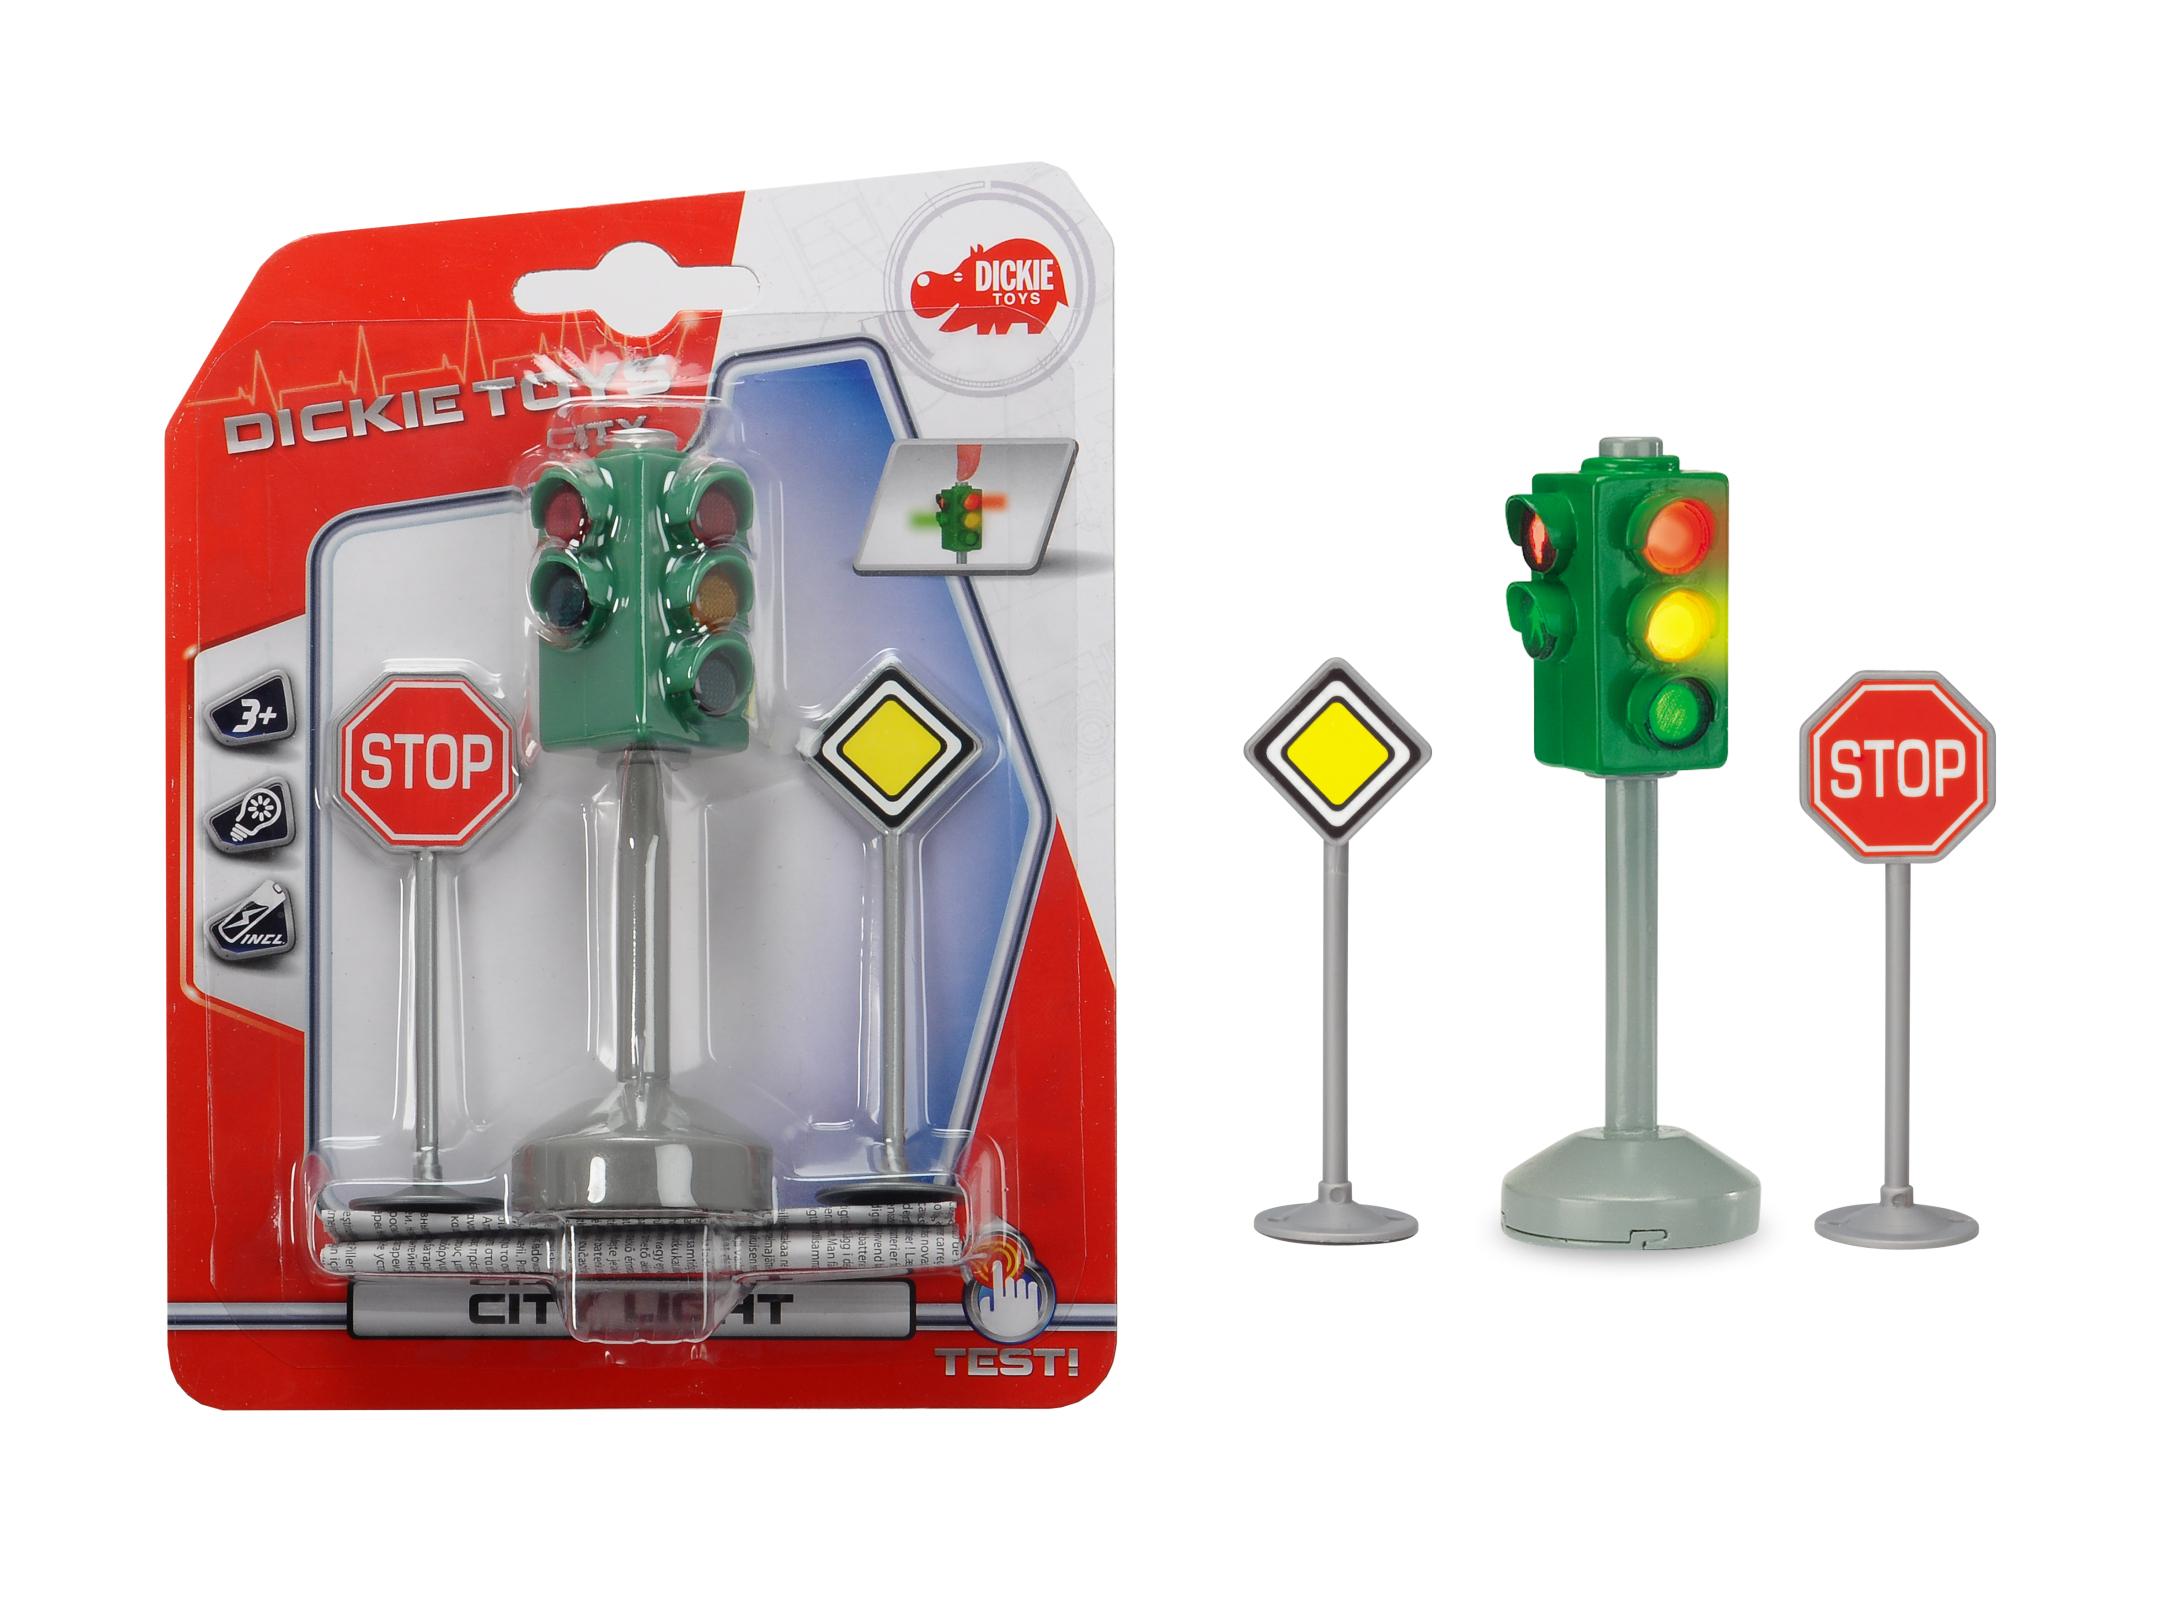 City Light - Ampel mit Verkehrszeichen